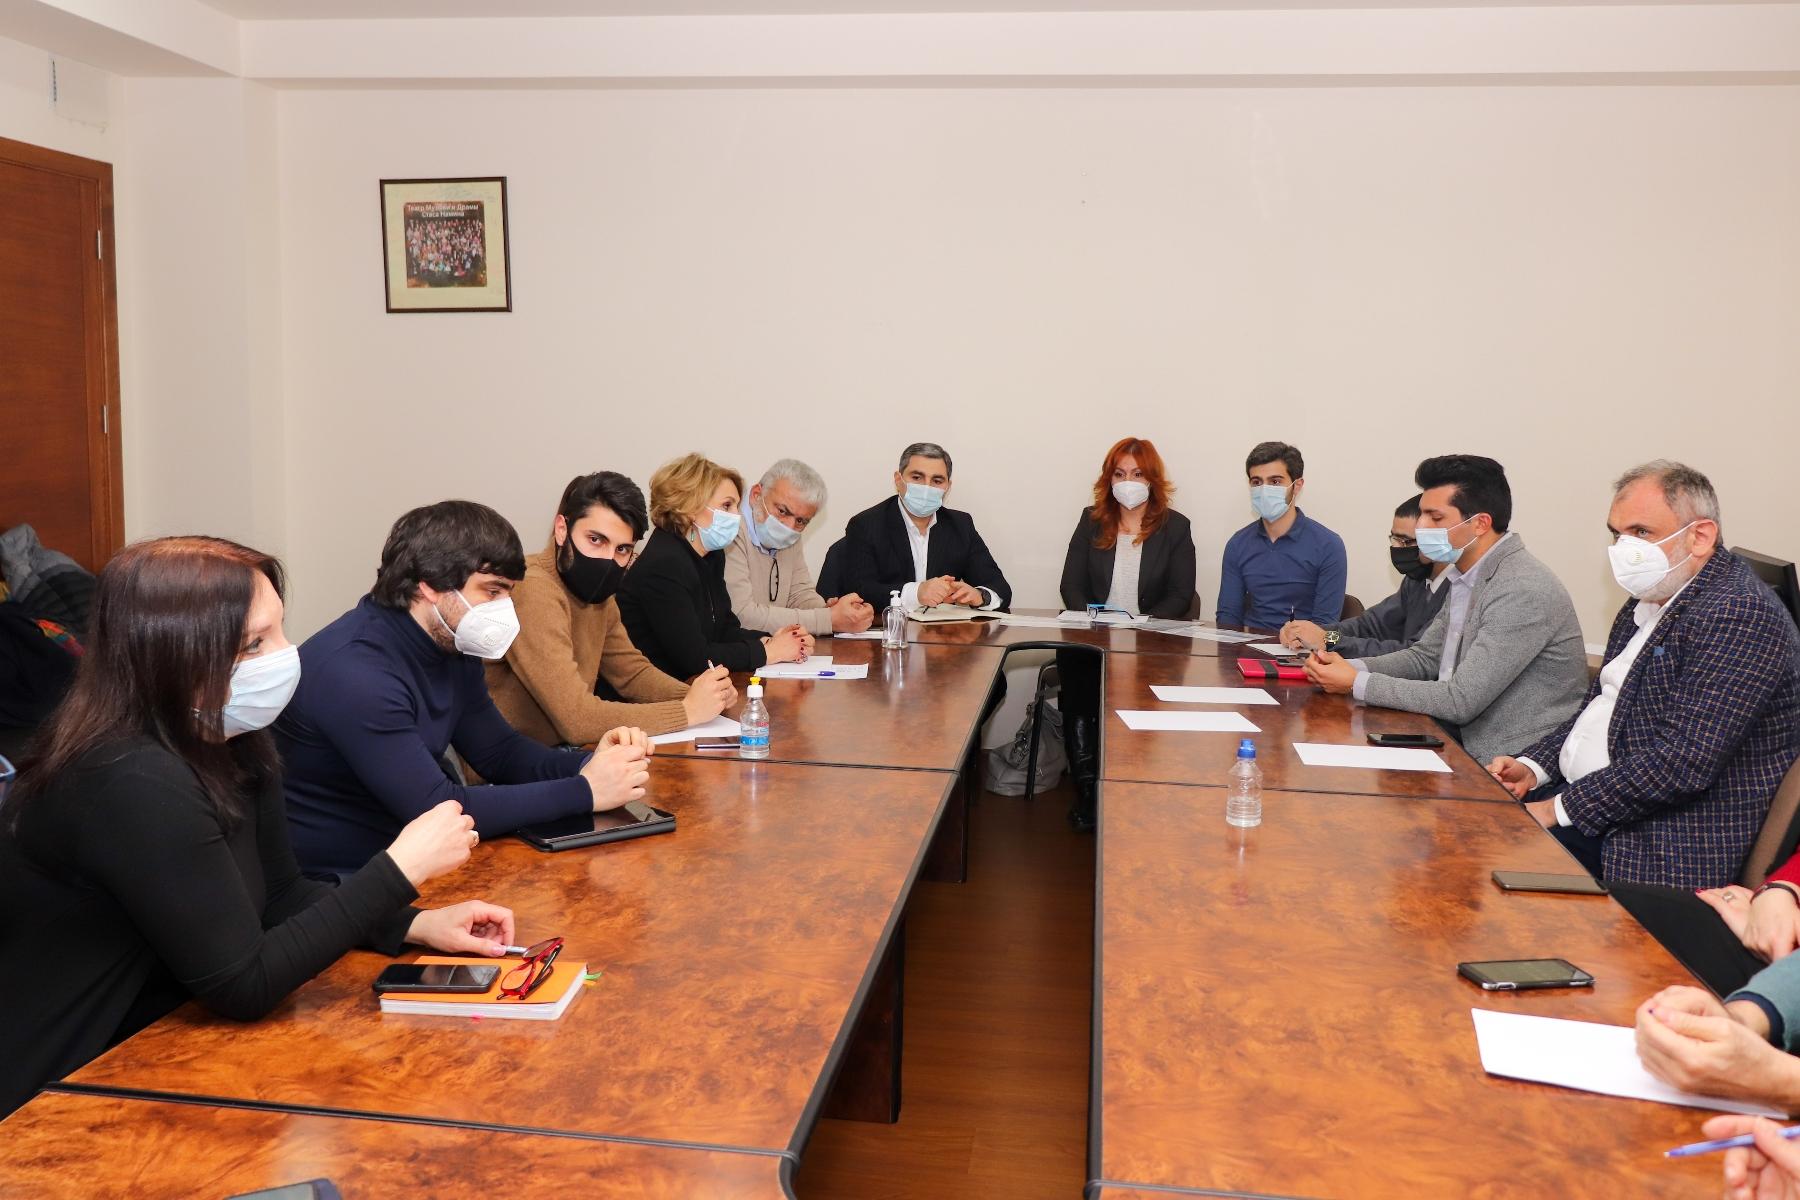 Photo of Առաքման նոր սակագներ գրահրատարակչության ոլորտում. ԿԳՄՍՆ-ում տեղի է ունեցել քննարկում